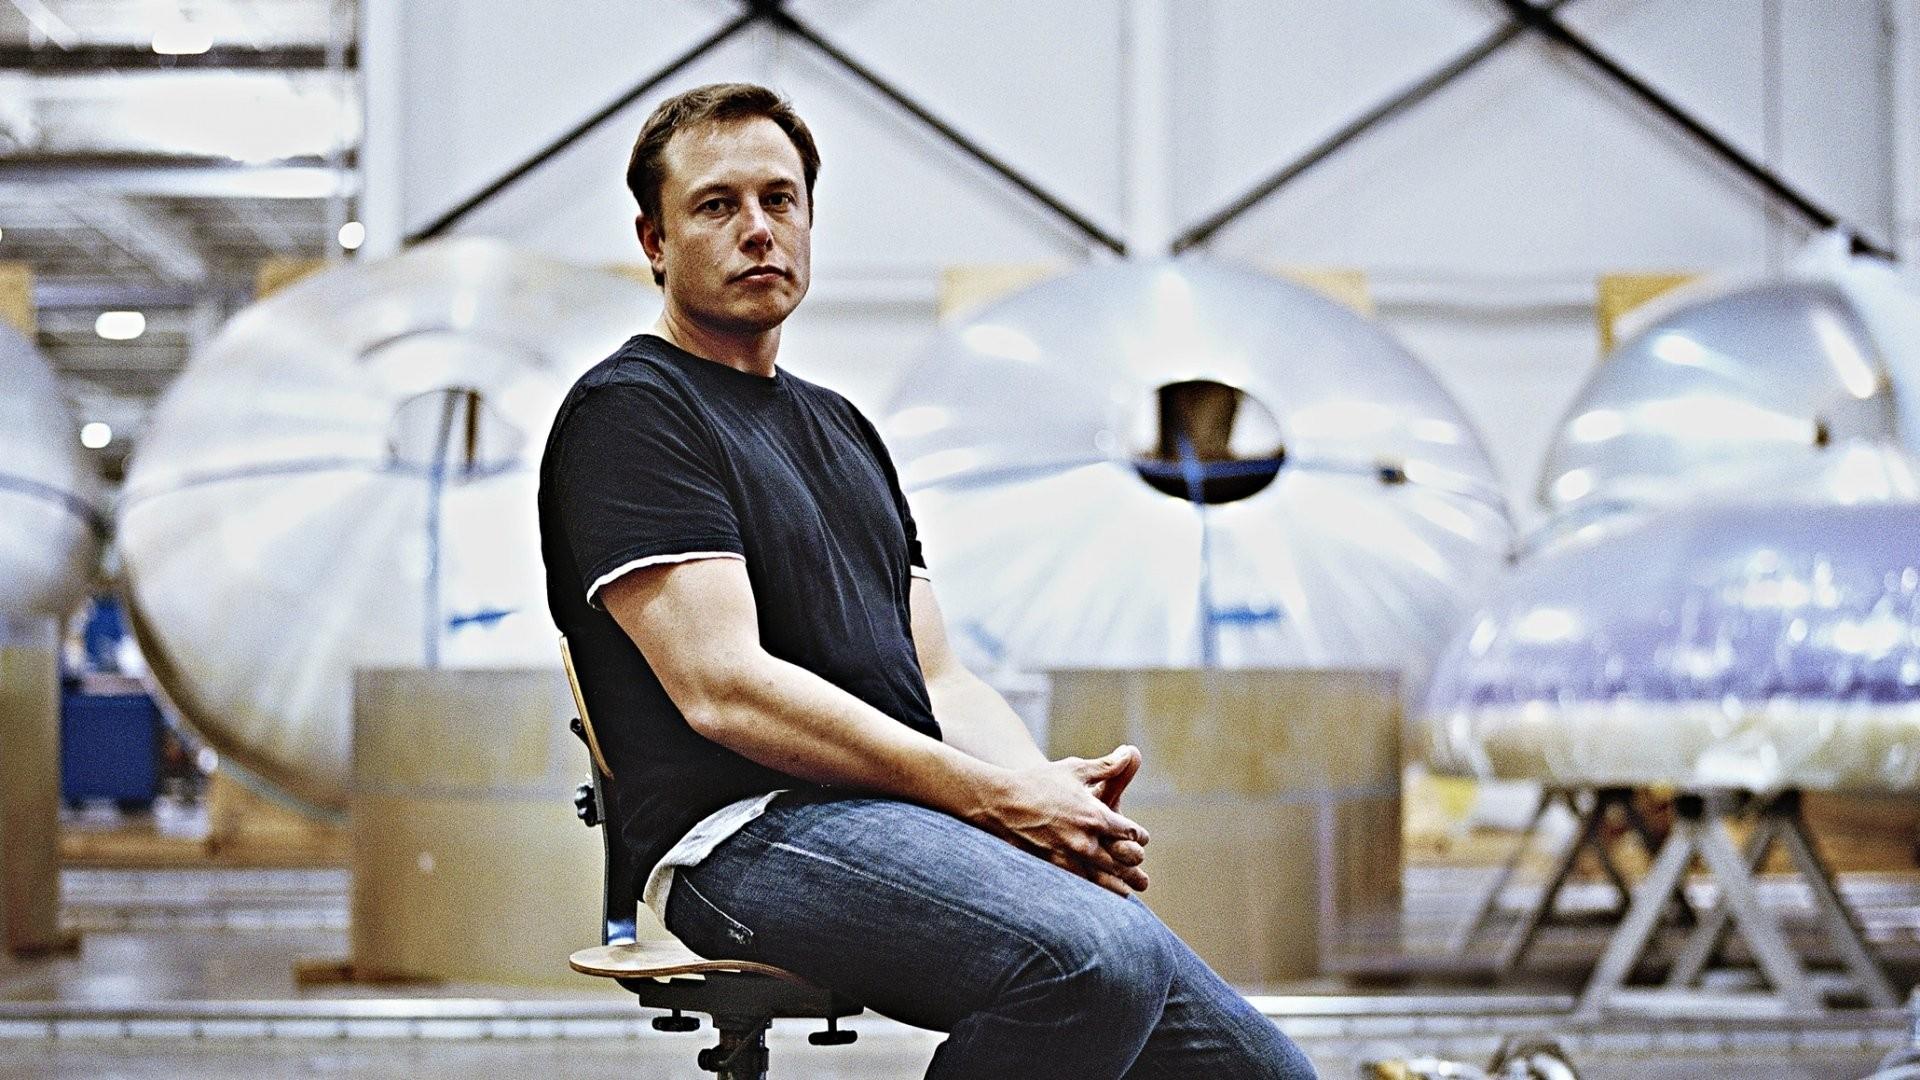 Американский миллиардер Илон Маск хочет производить огнеметы для детей